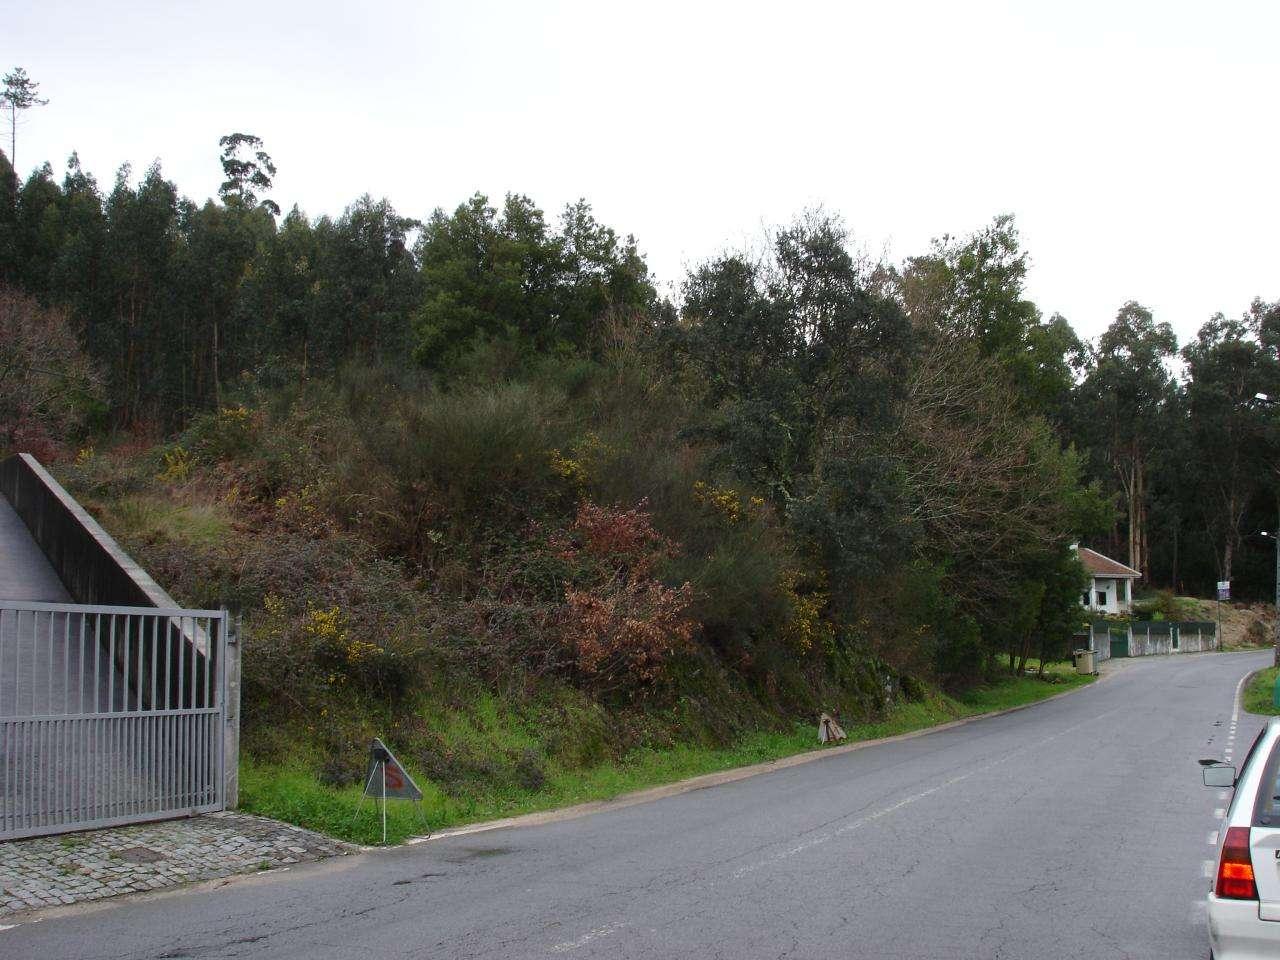 Terreno para comprar, Paço de Sousa, Porto - Foto 2